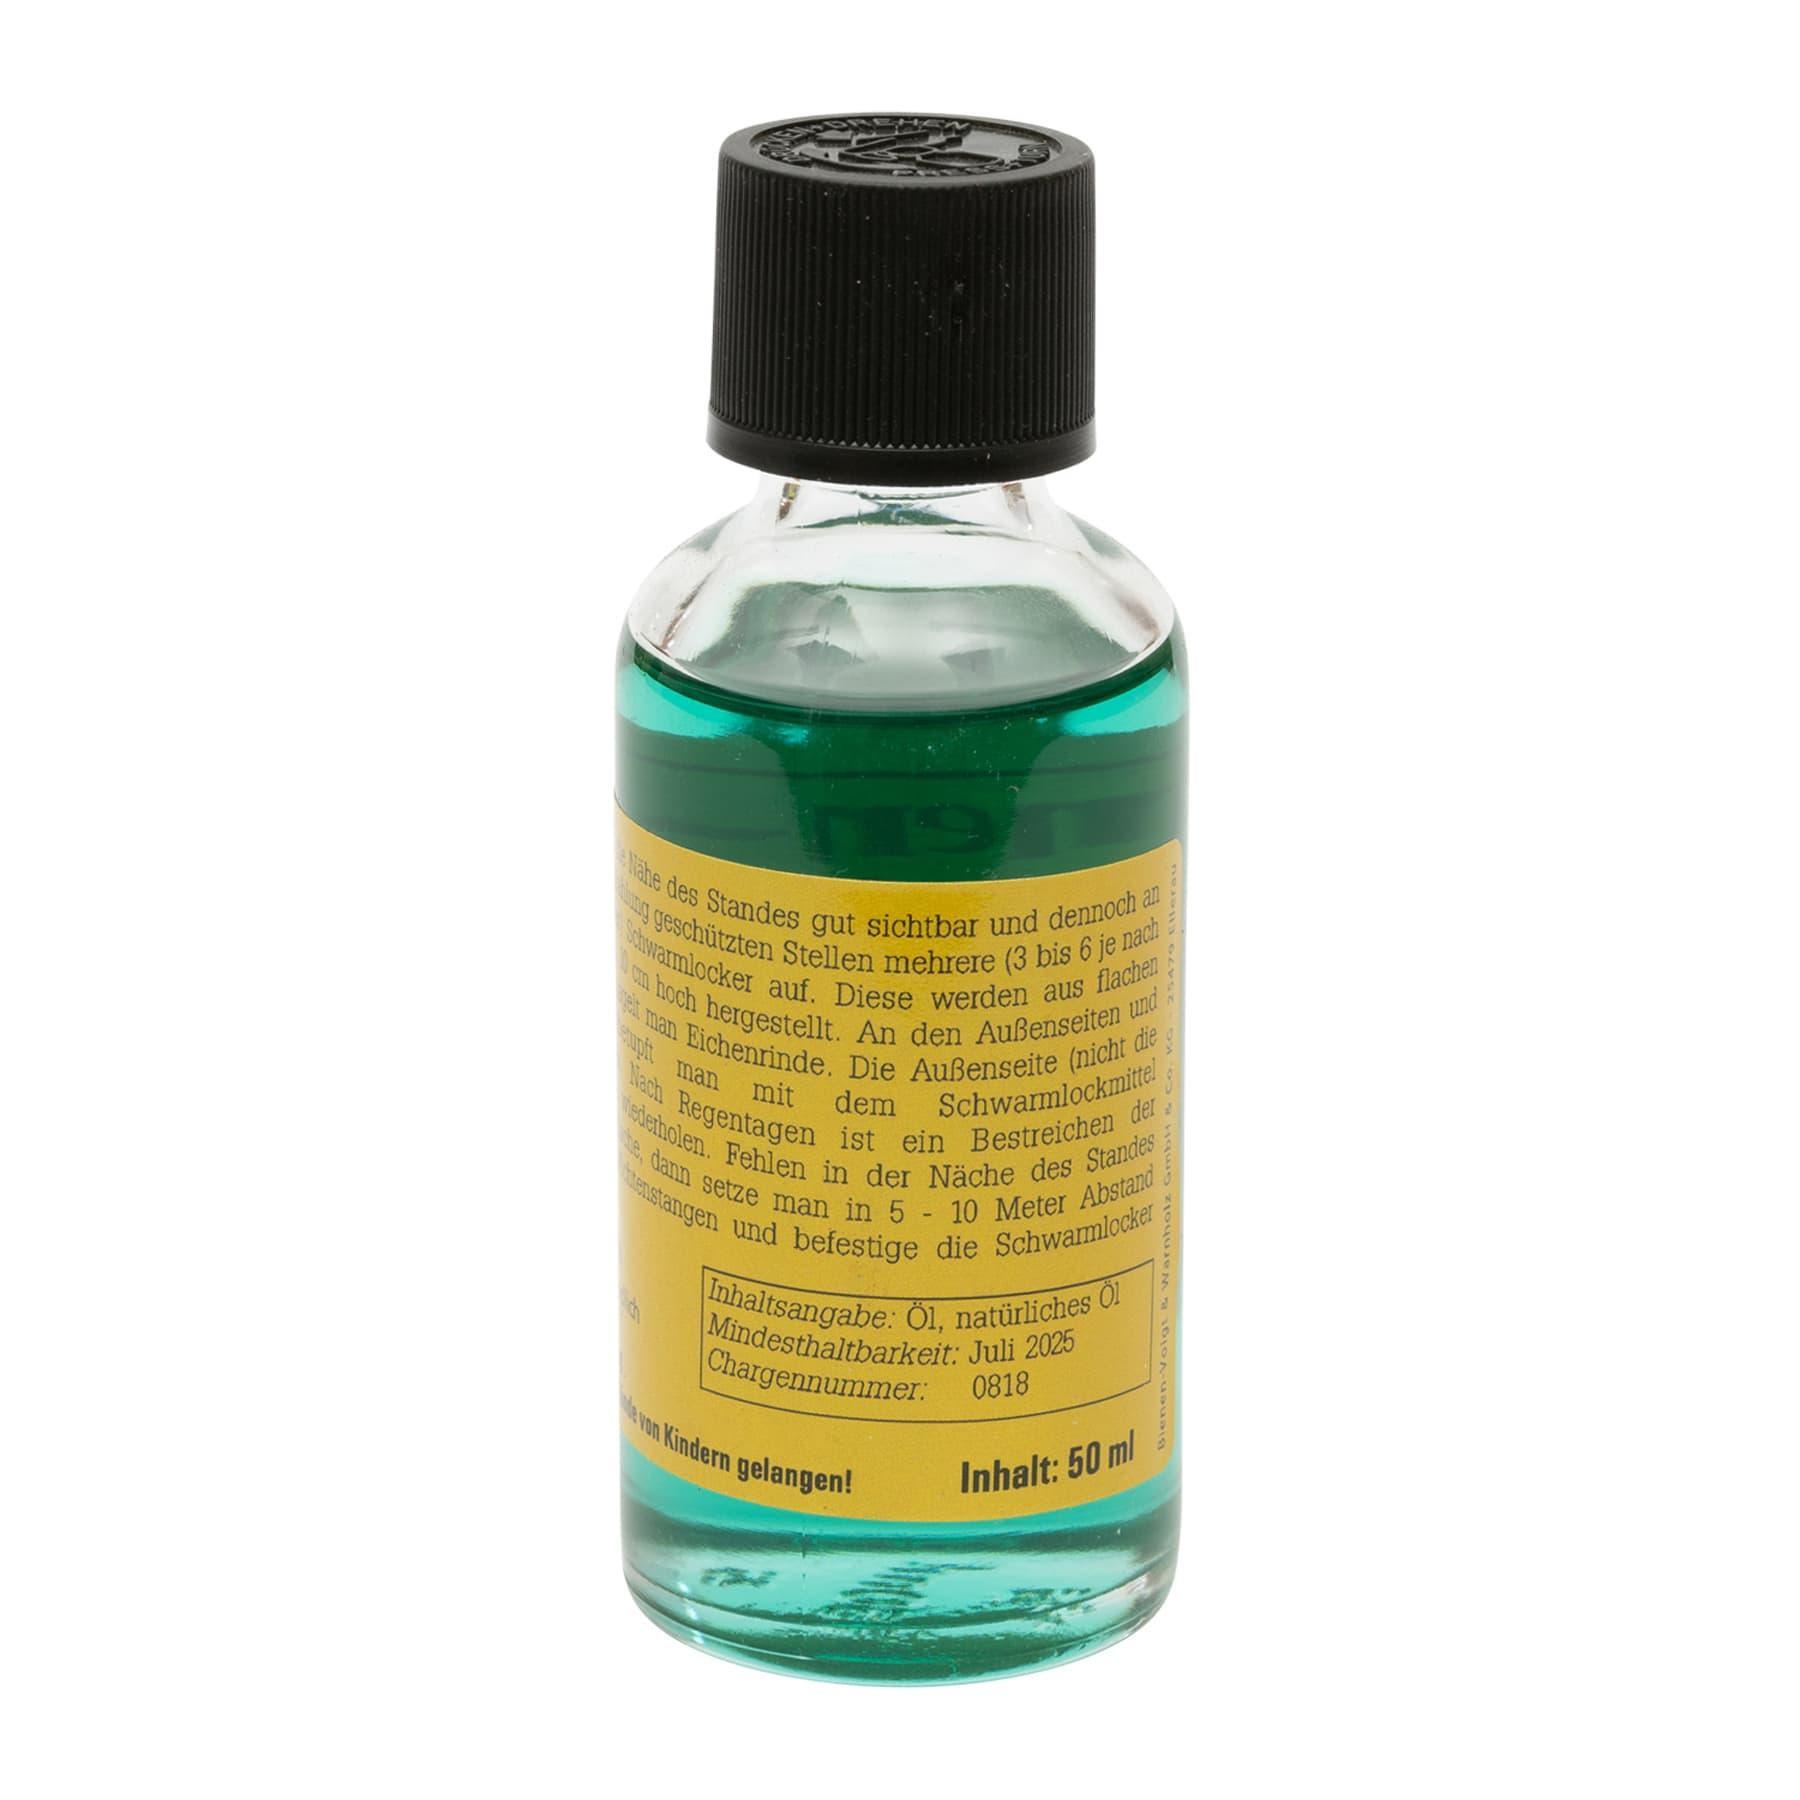 Bienen-DUUS 50 ml, Schwarmlockmittel